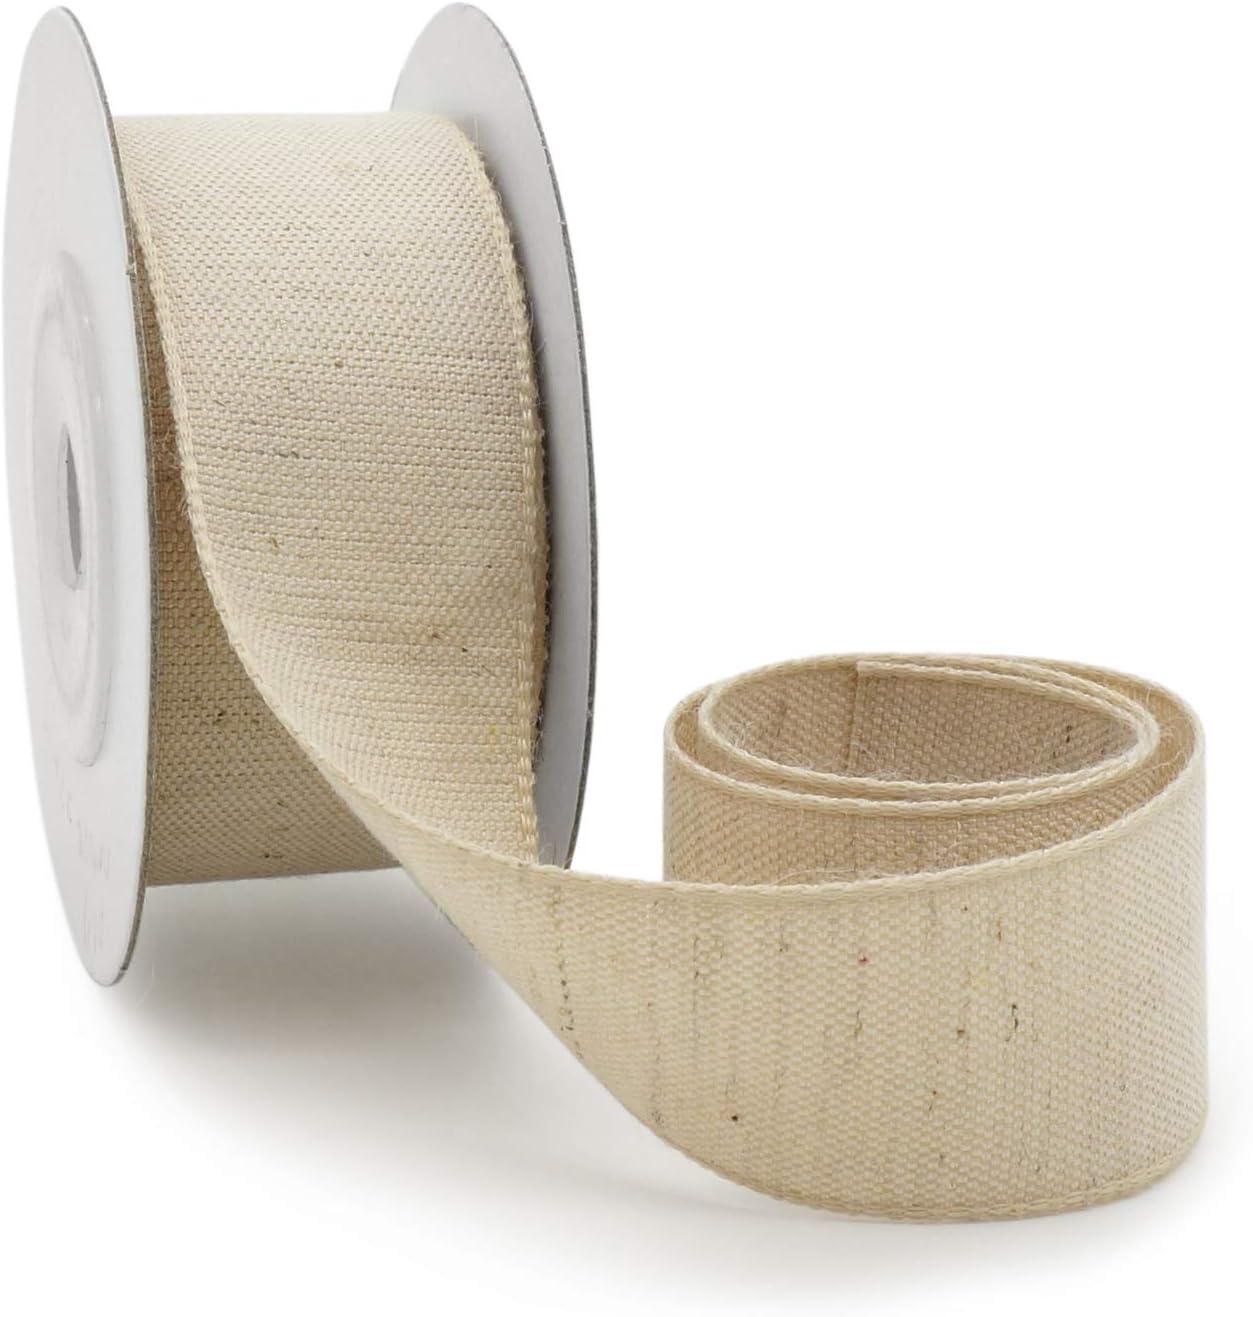 1654 - Cinta de lino y algodón, 017 Natural, 22 mm: Amazon.es: Hogar